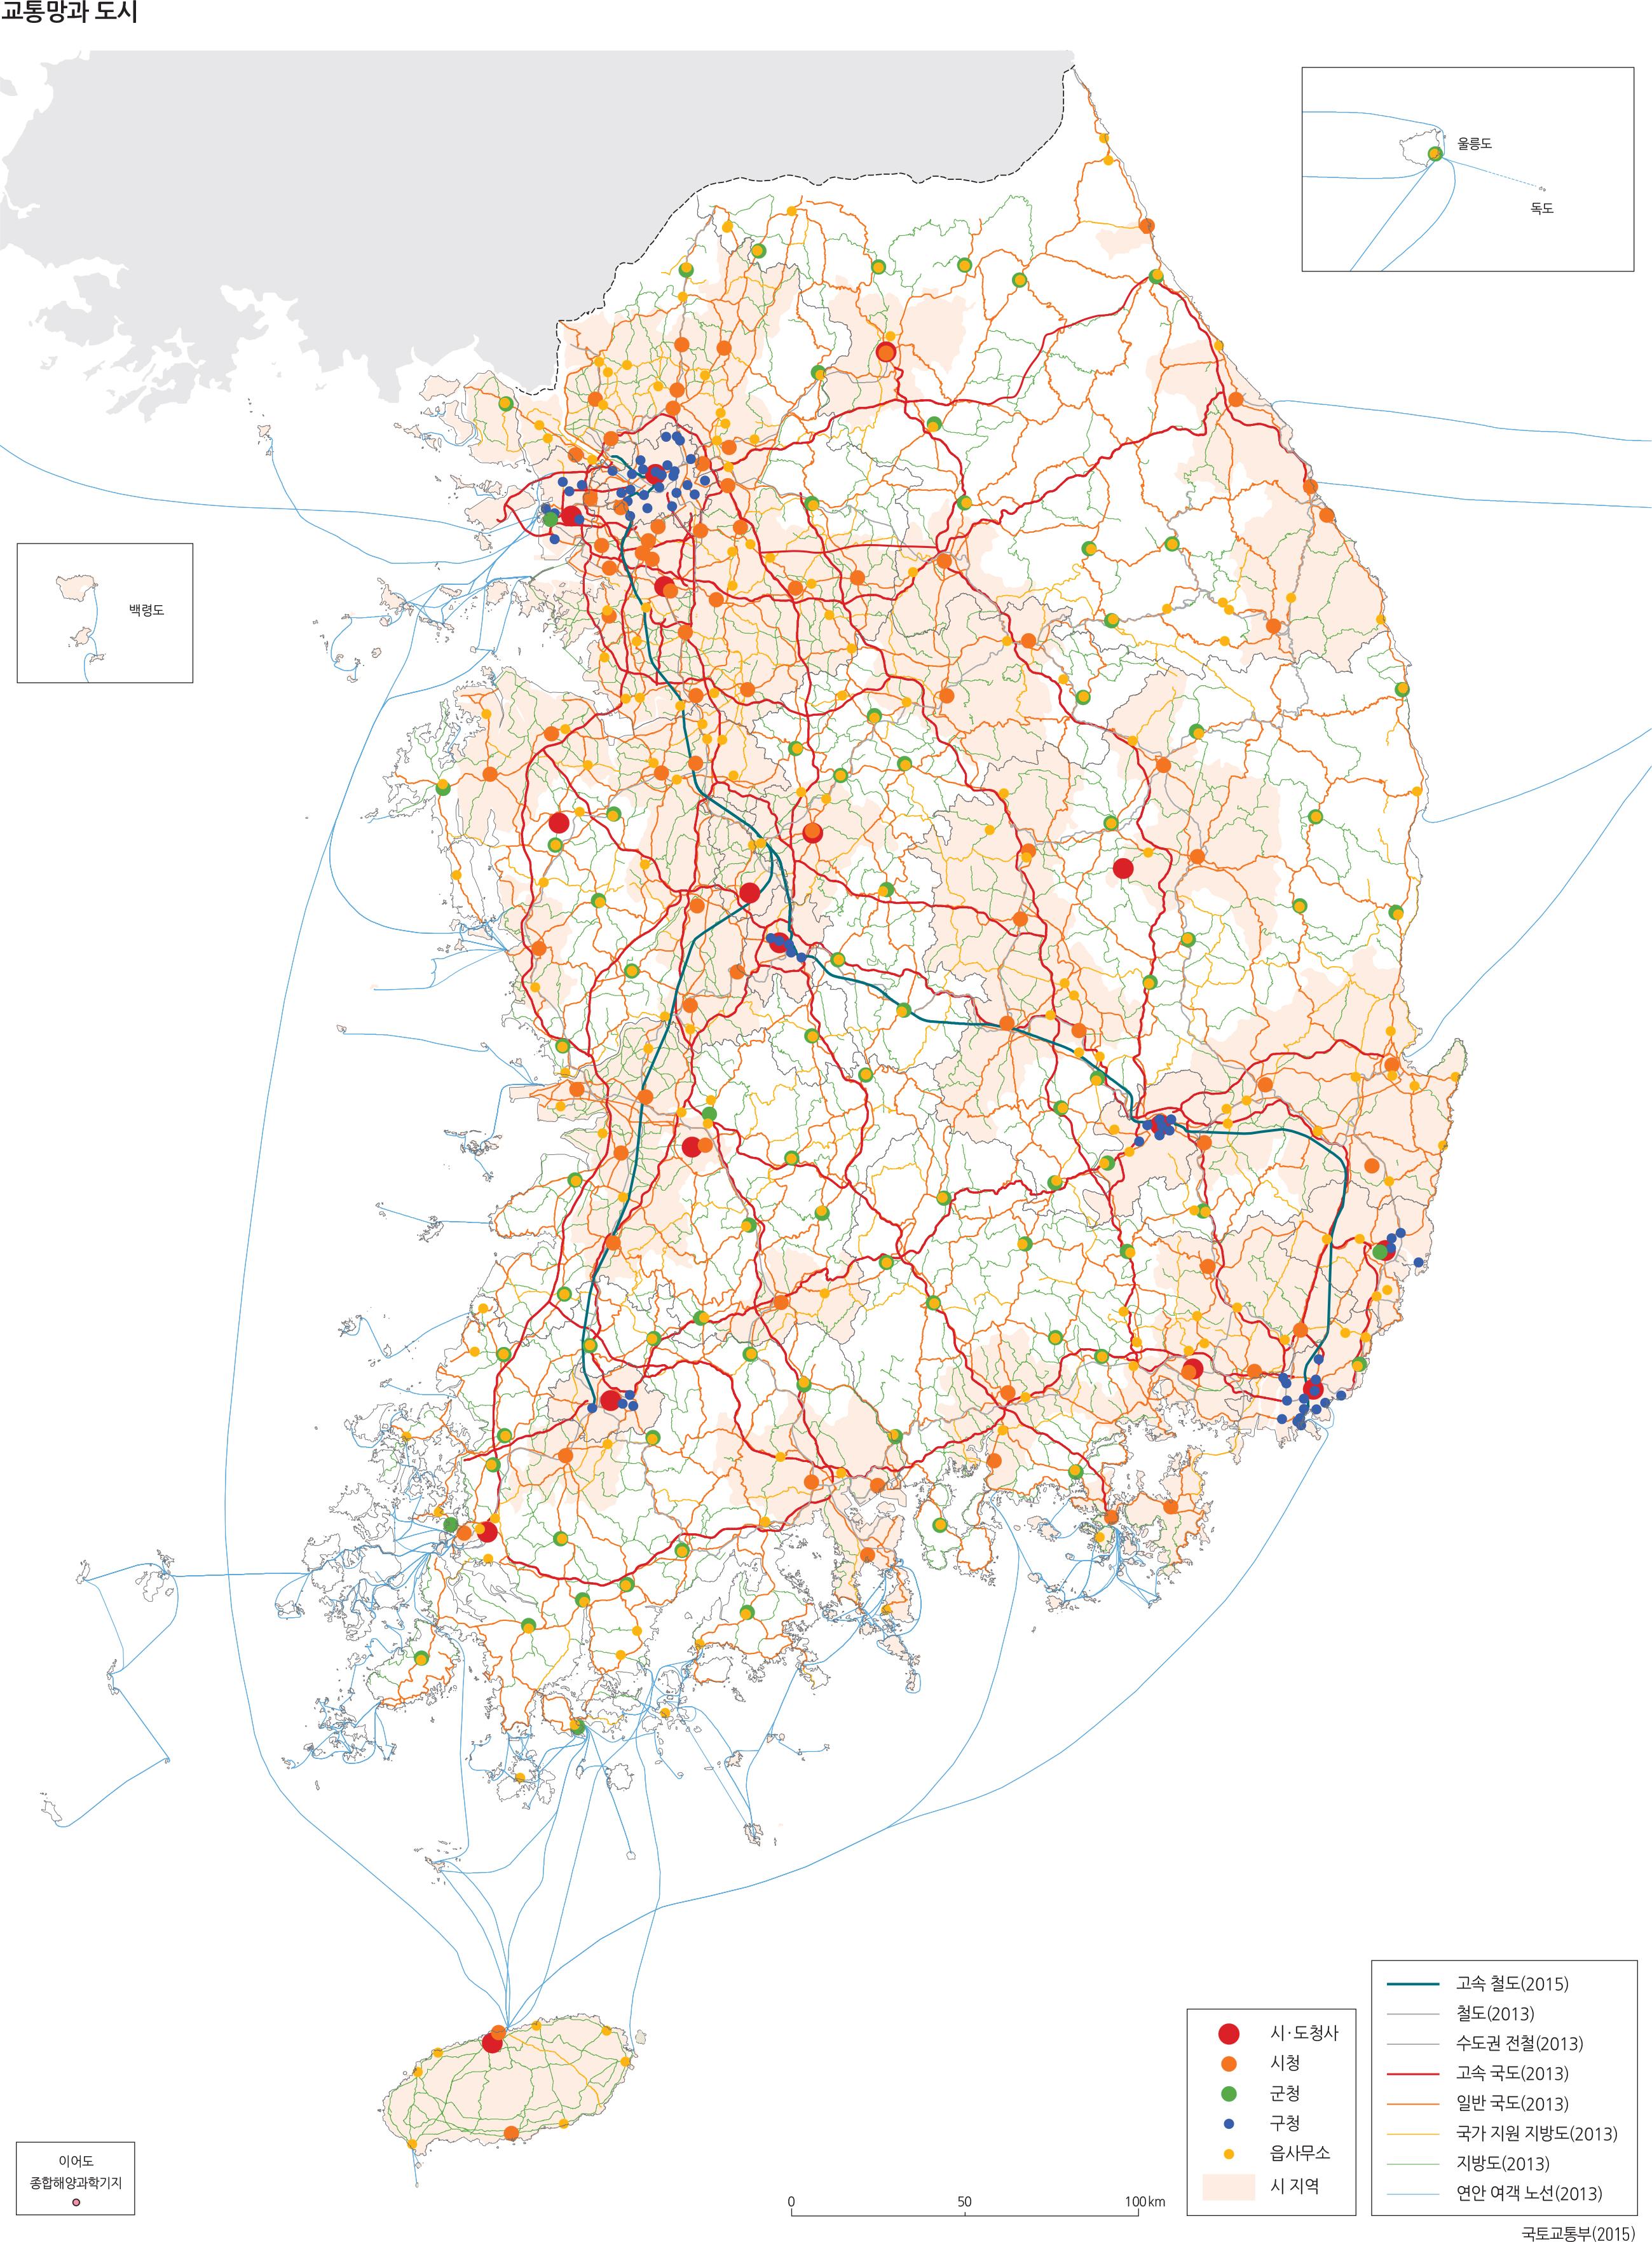 교통망과 도시